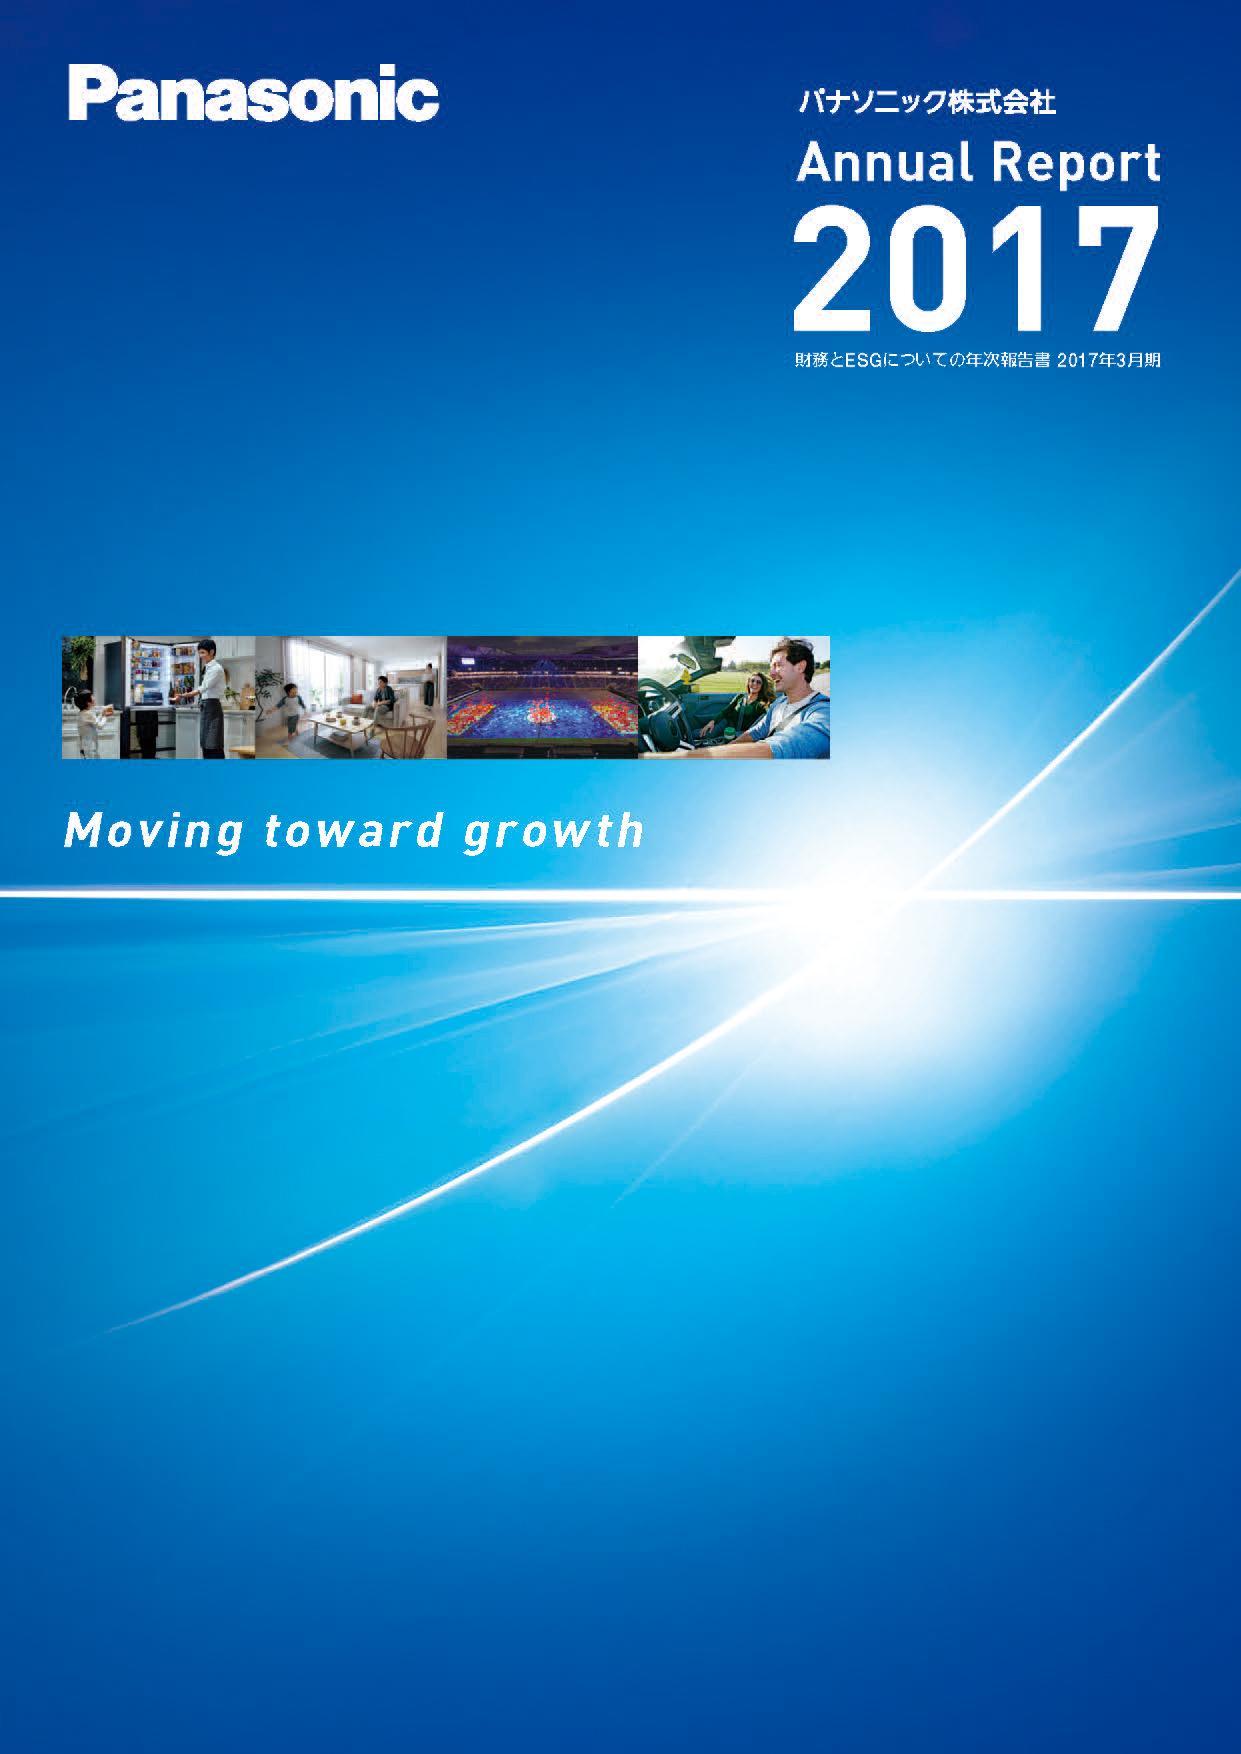 パナソニック「Annual Report 2017」を公開